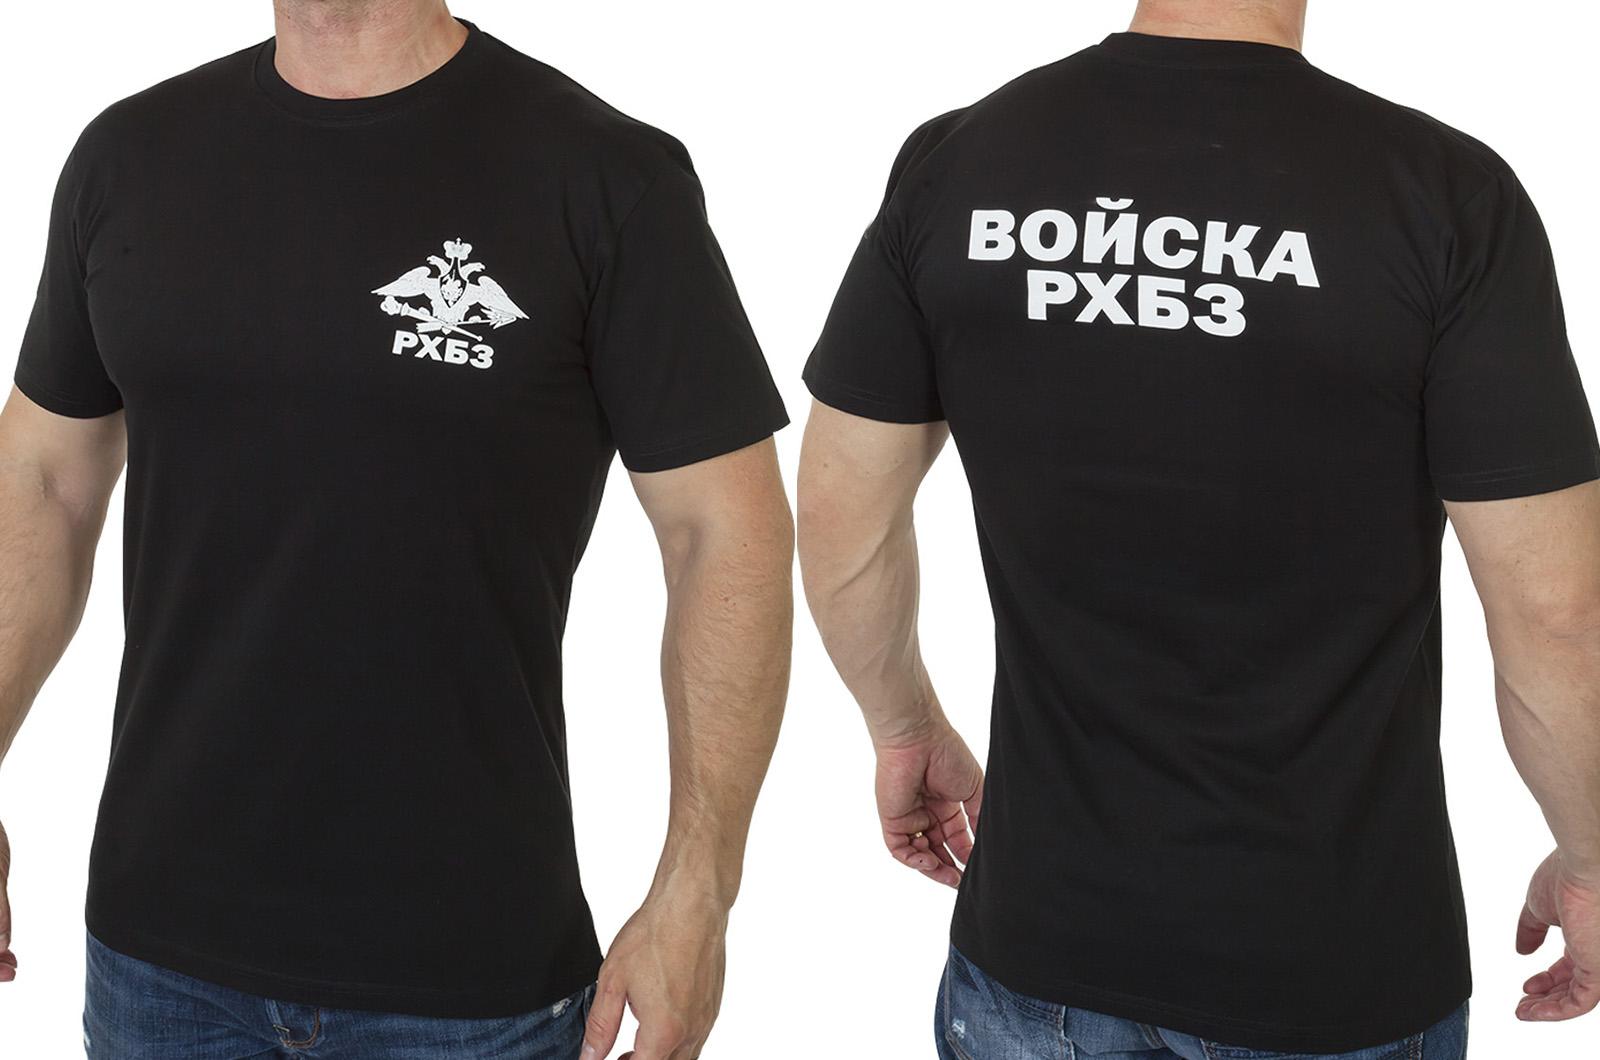 """Заказать футболку с принтом """"Войска РХБЗ"""""""